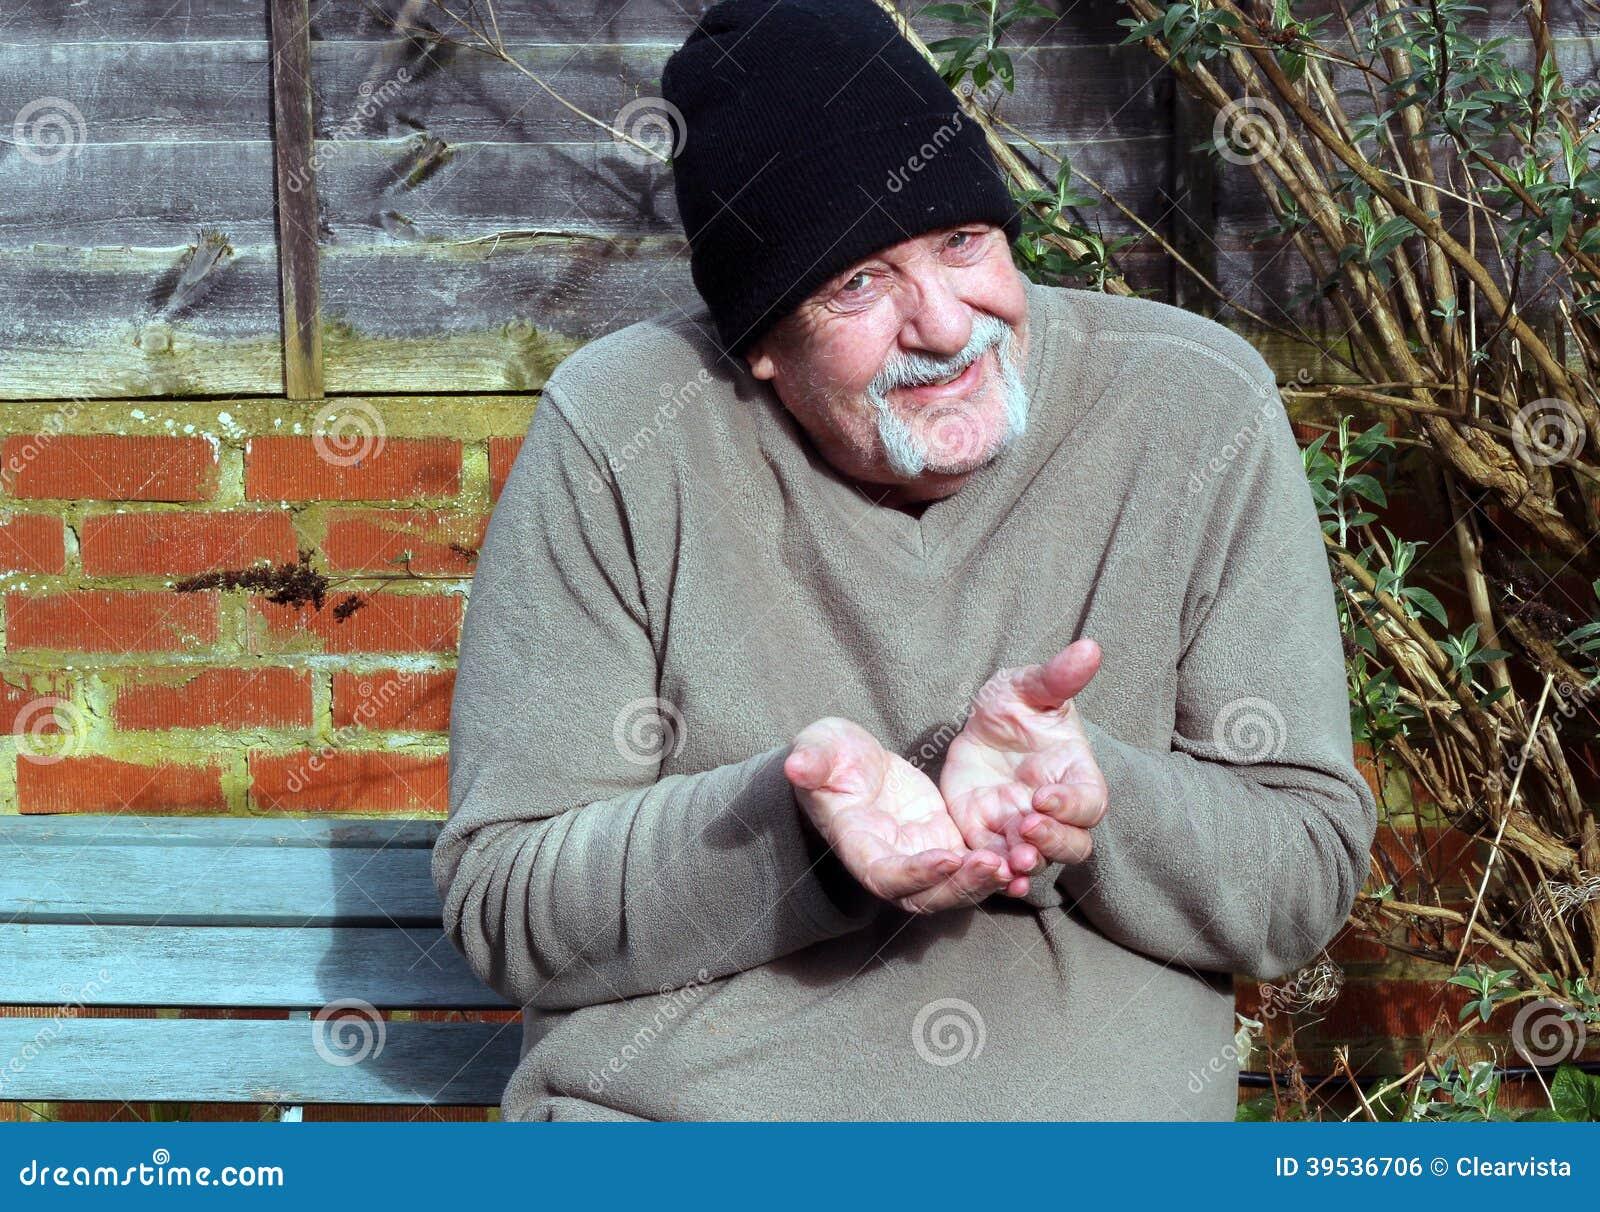 Elderly Beggar Holding Out Both Hand. Stock Photo - Image ...  Elderly Beggar ...